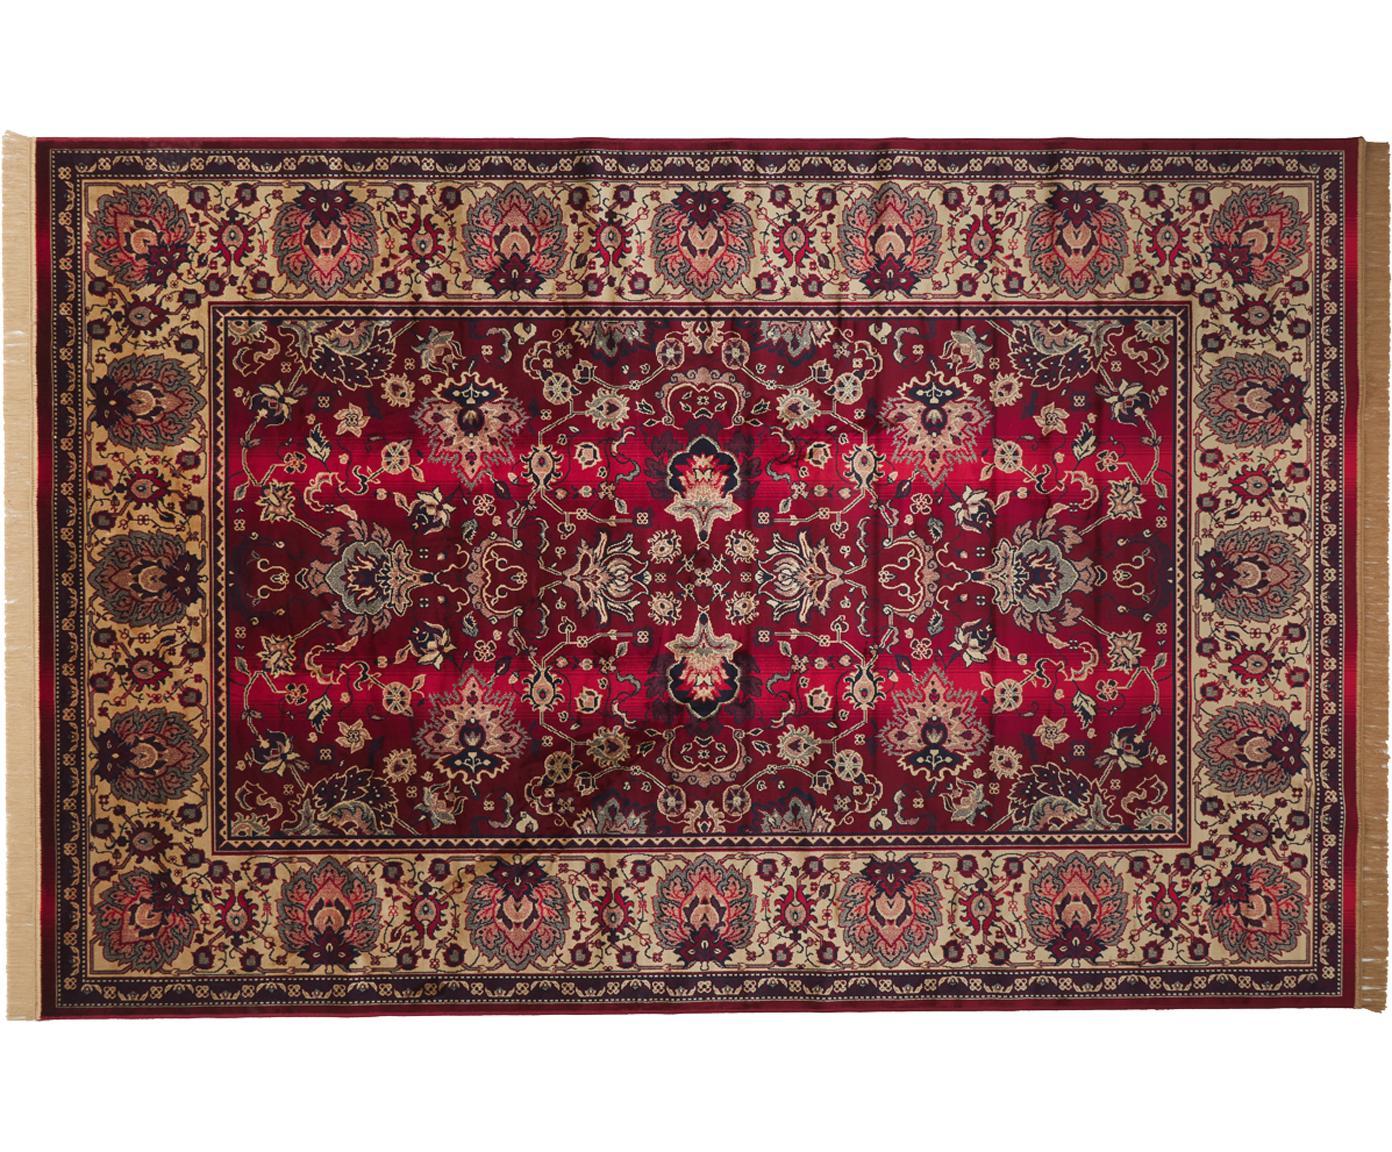 Vintage vloerkleed Bid met bloemmotief, Bovenzijde: 38% viscose, 26% katoen, , Onderzijde: synthetische rubbercoatin, Vloerkleed: rood- en beigetinten. Franjes: beige, 170 x 240 cm